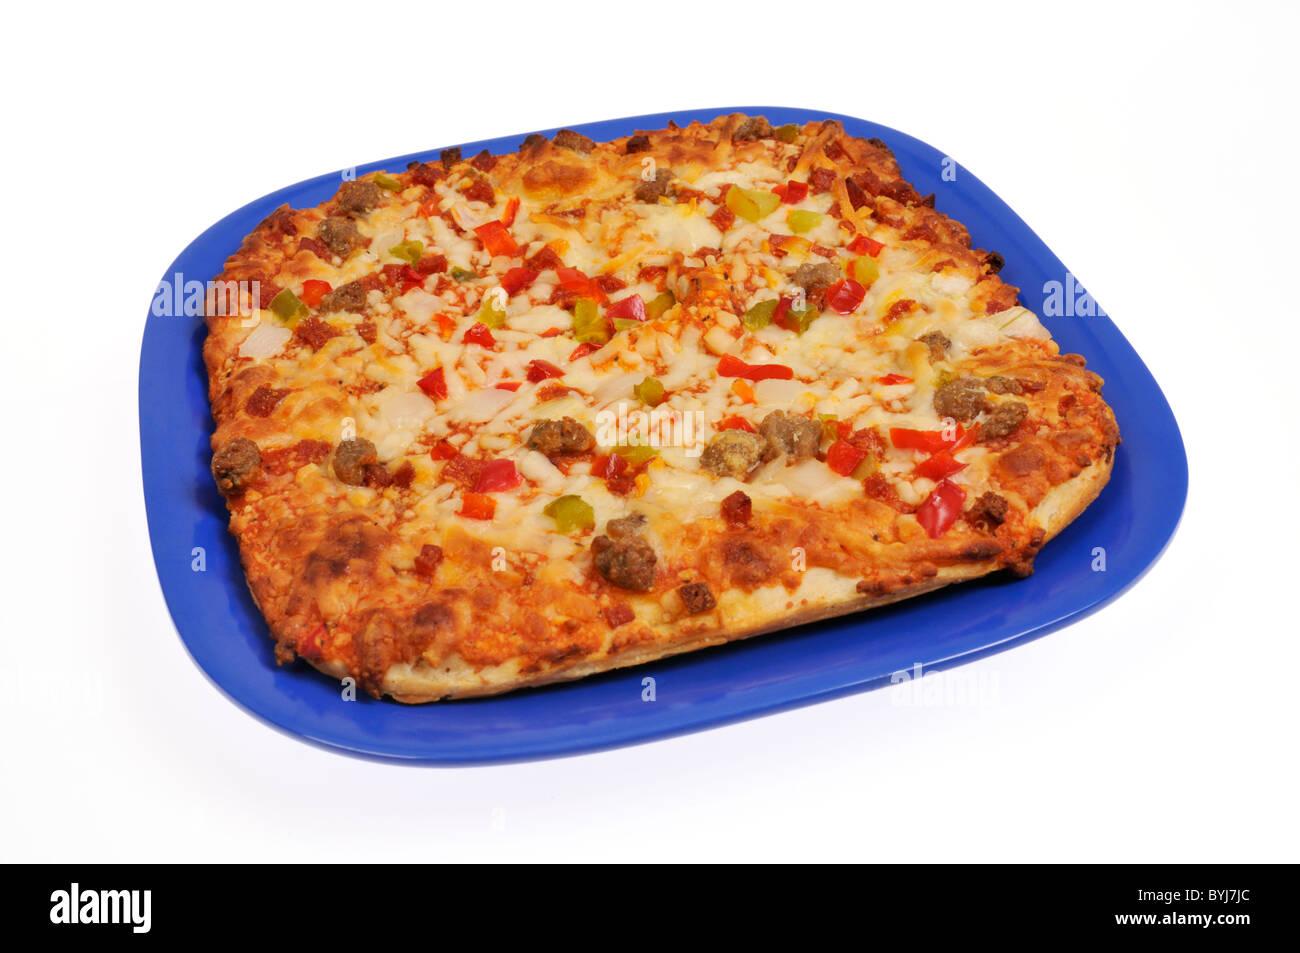 Cuocere la pizza rettangolo sulla piastra blu su sfondo bianco, ritaglio. Immagini Stock